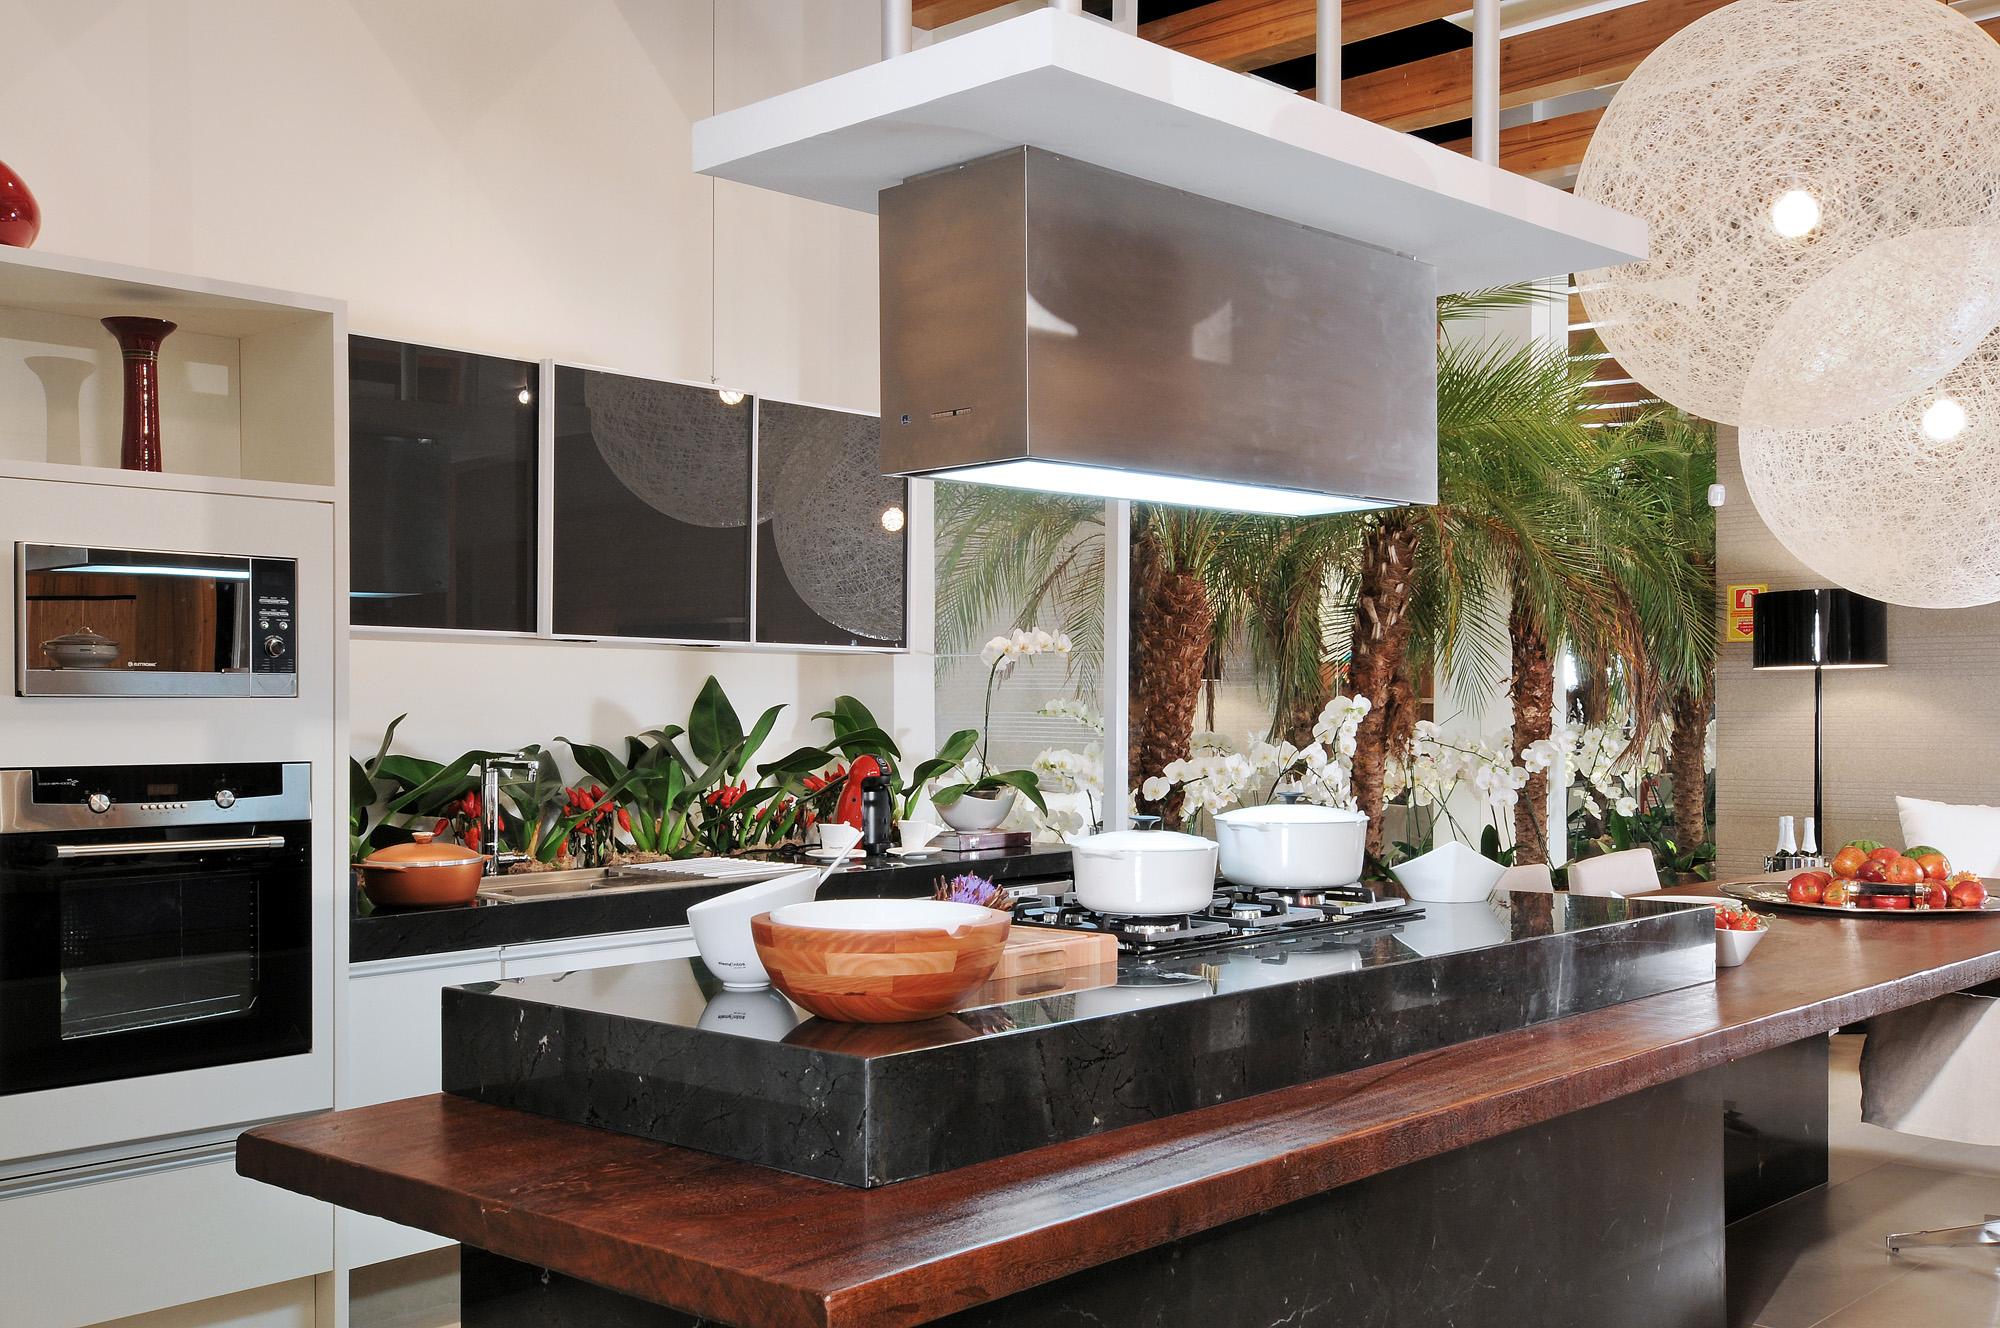 Cozinha gourmet a nova sala de estar casa cor goi s for Sala de estar gourmet